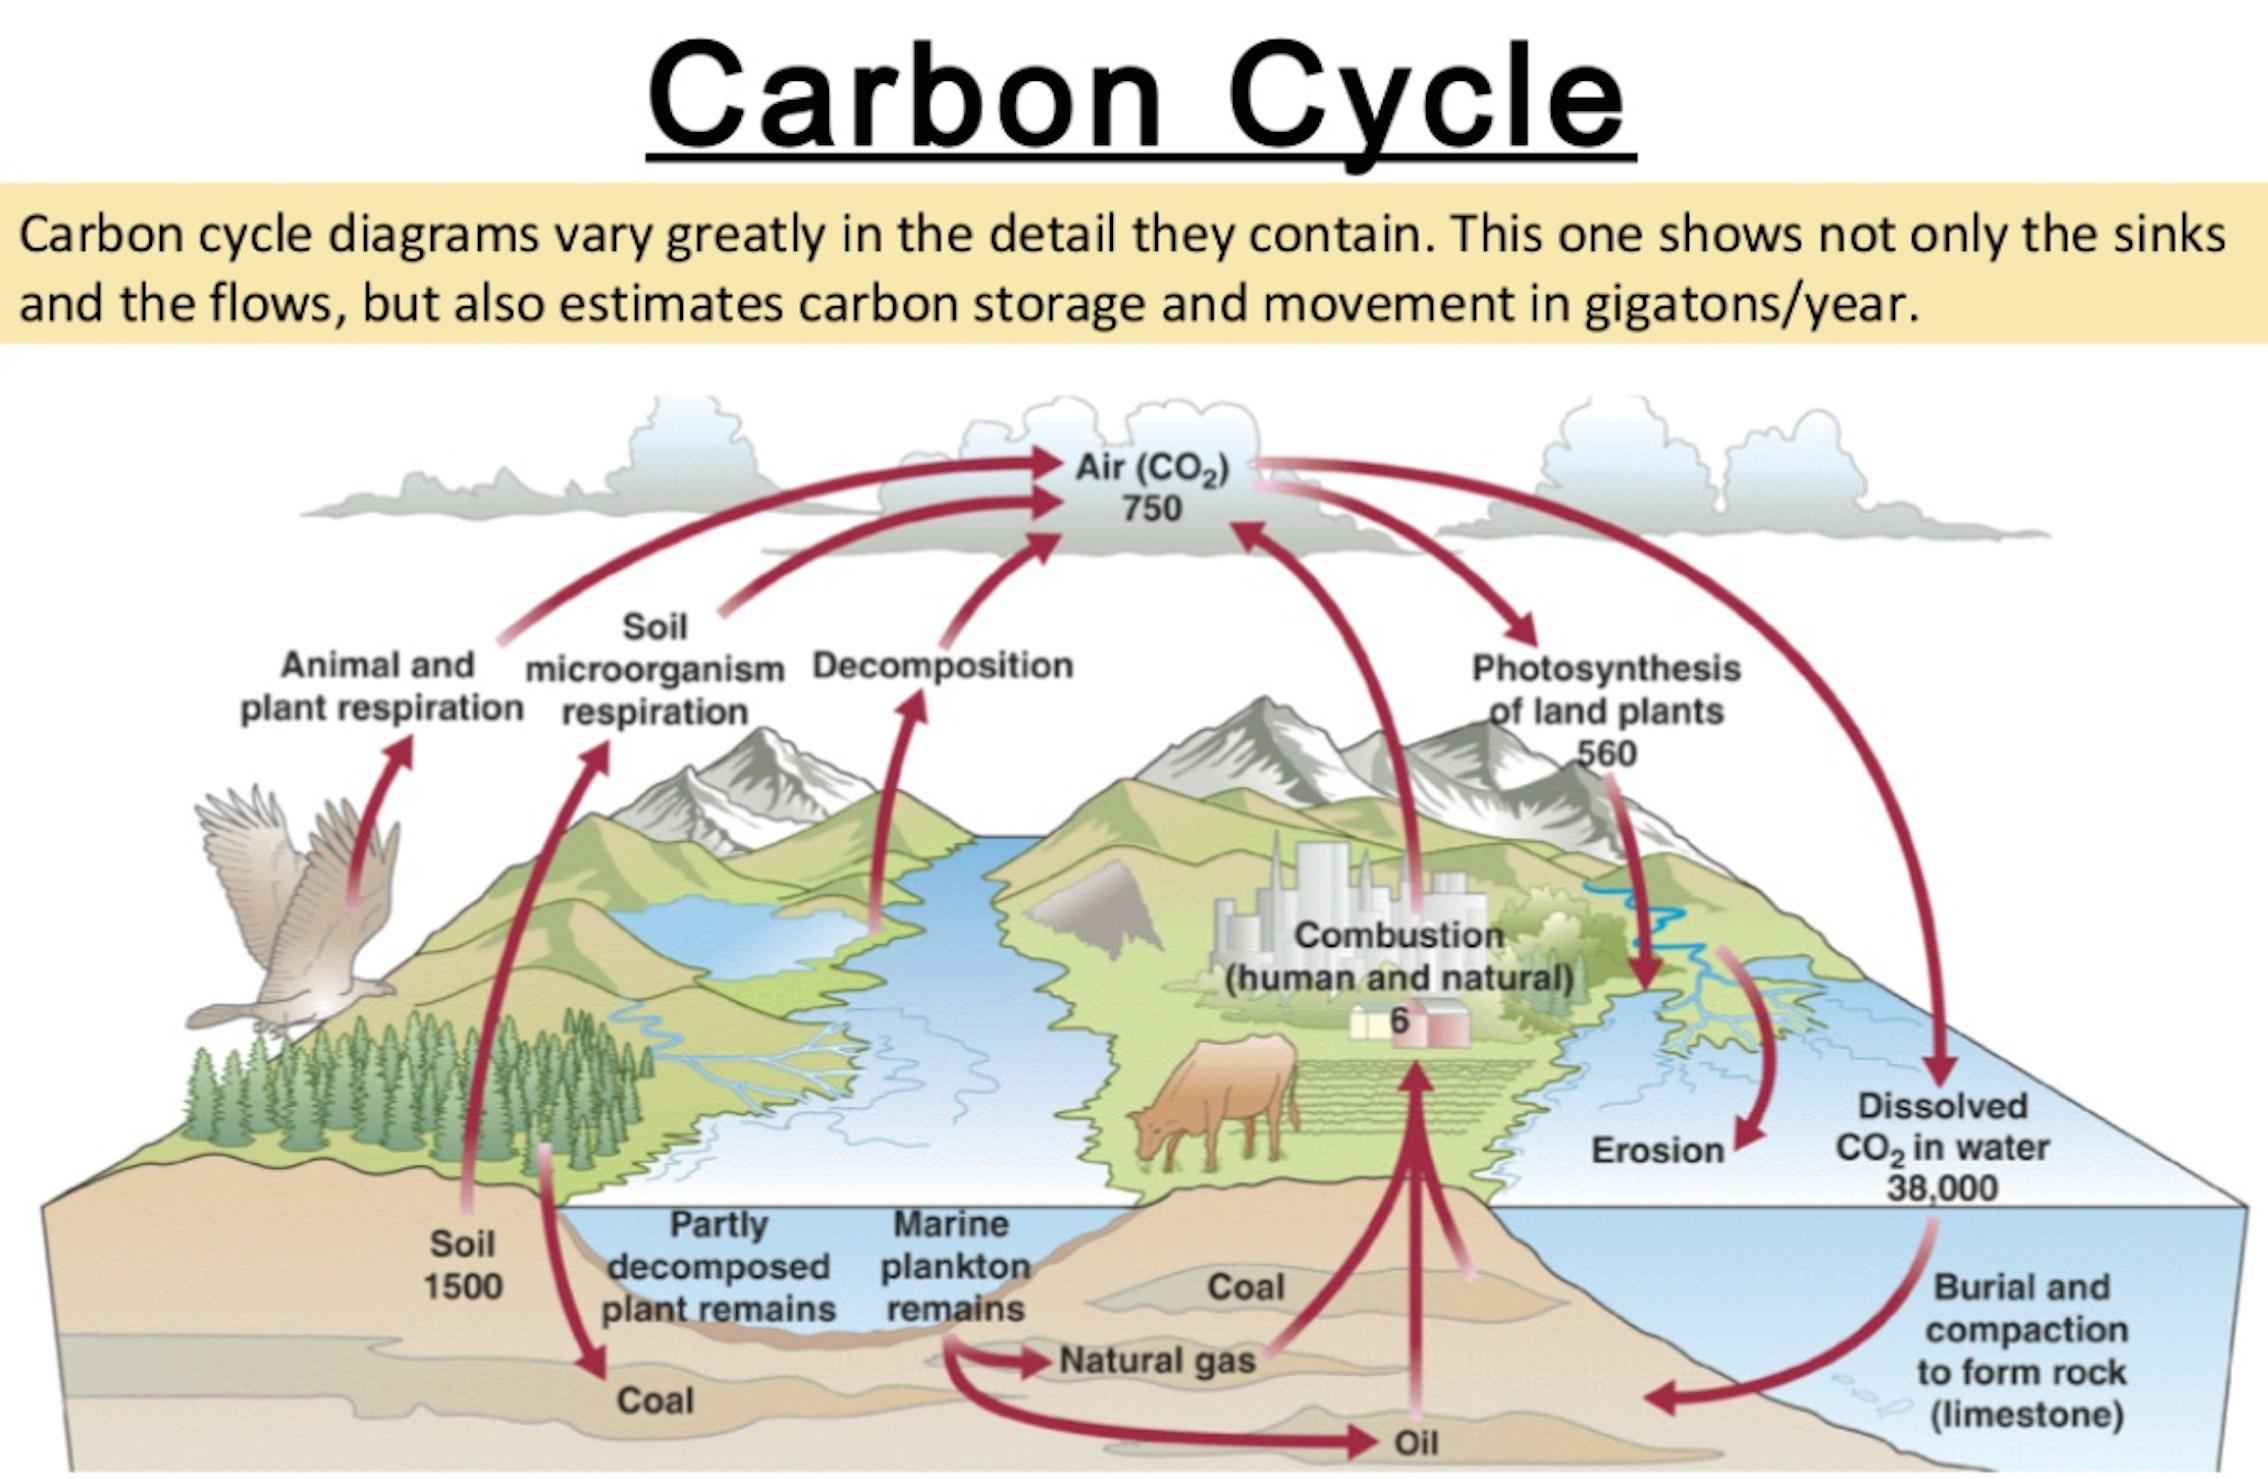 2268x1479 Worksheet. Carbon Cycle Worksheet. Carlos Lomas Worksheet For Everyone